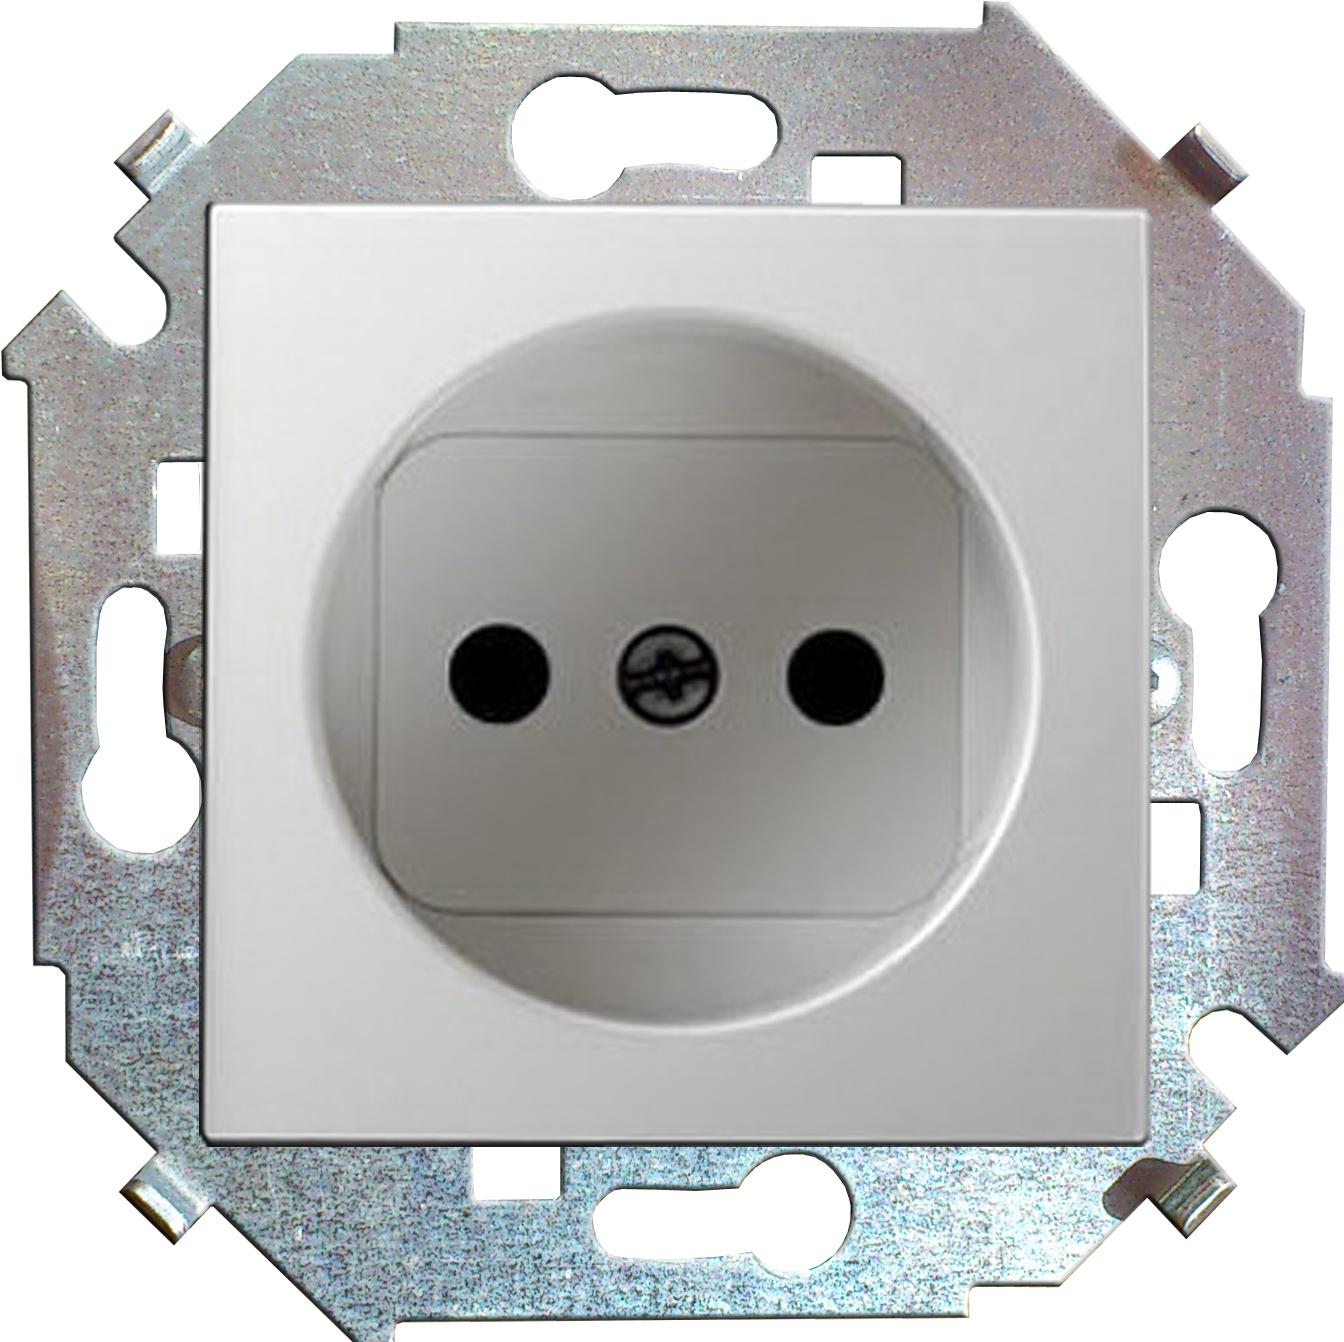 Розетка Simon 15 1591431-030 simon simon15 aqua белый переключатель 1 клавишный с п наружный ip54 1594204 030